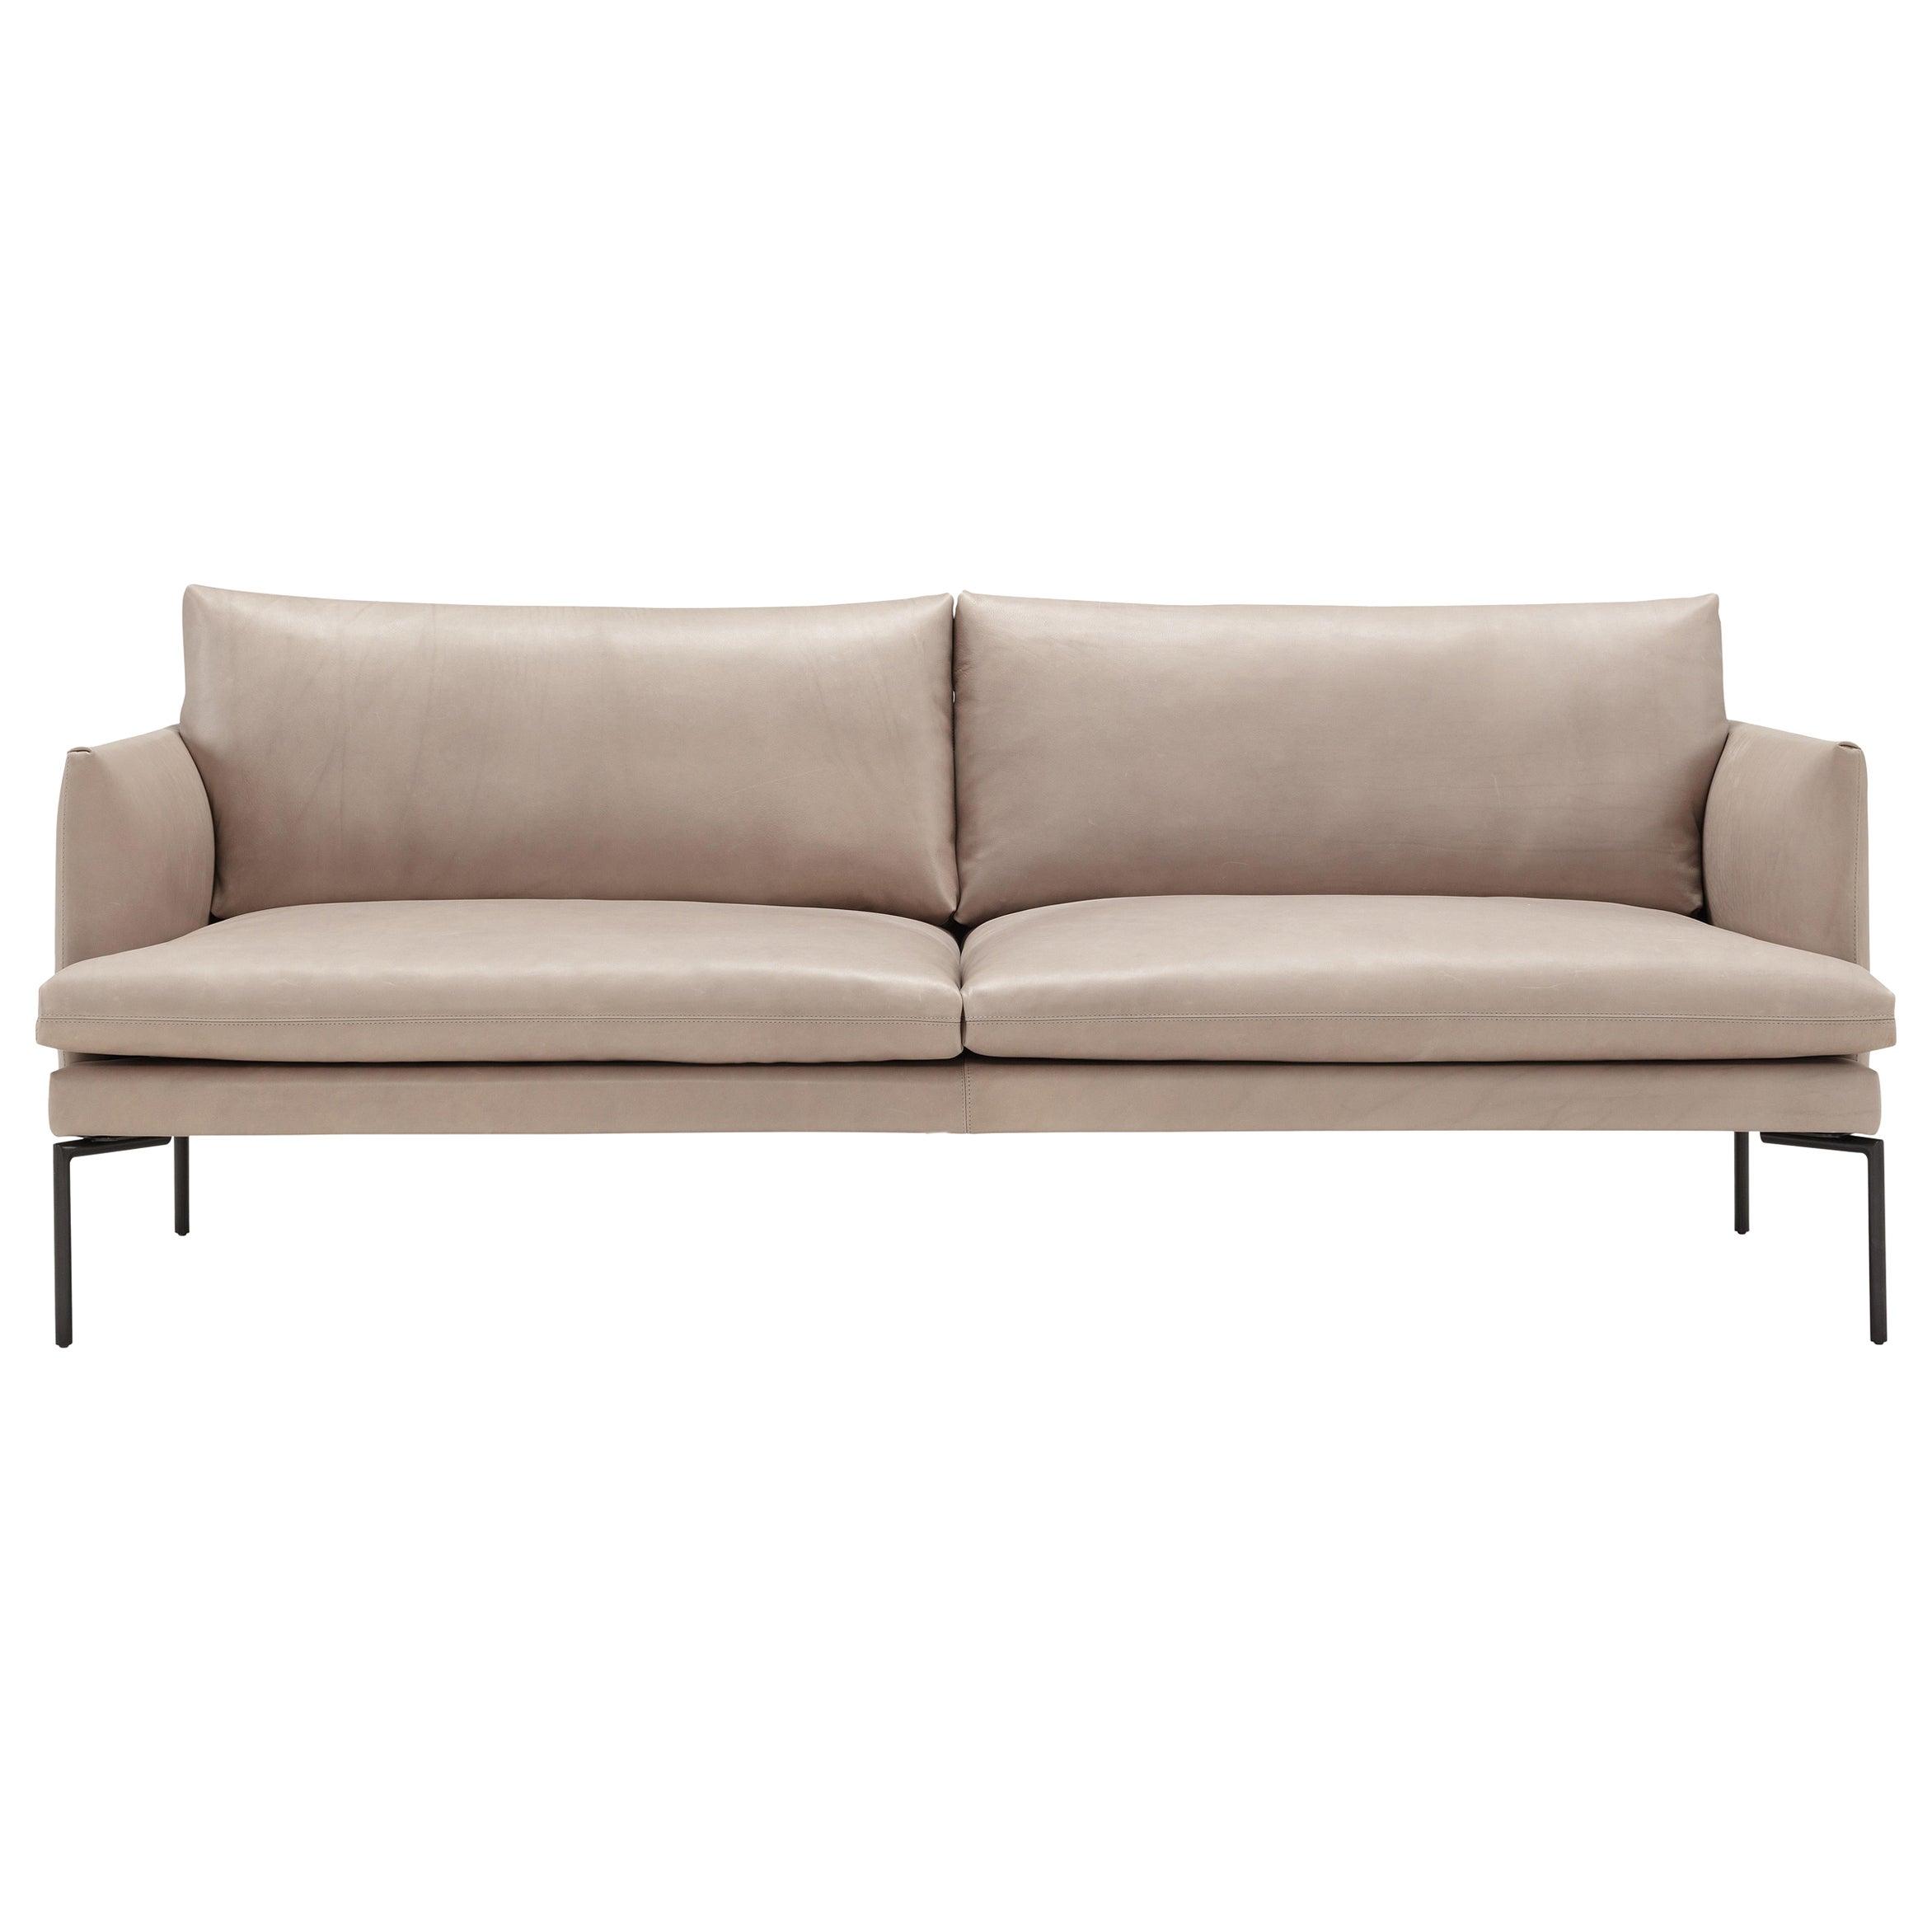 Amura 'Mavis' 2-Seat Sofa in Tan Leather and Metal Feet